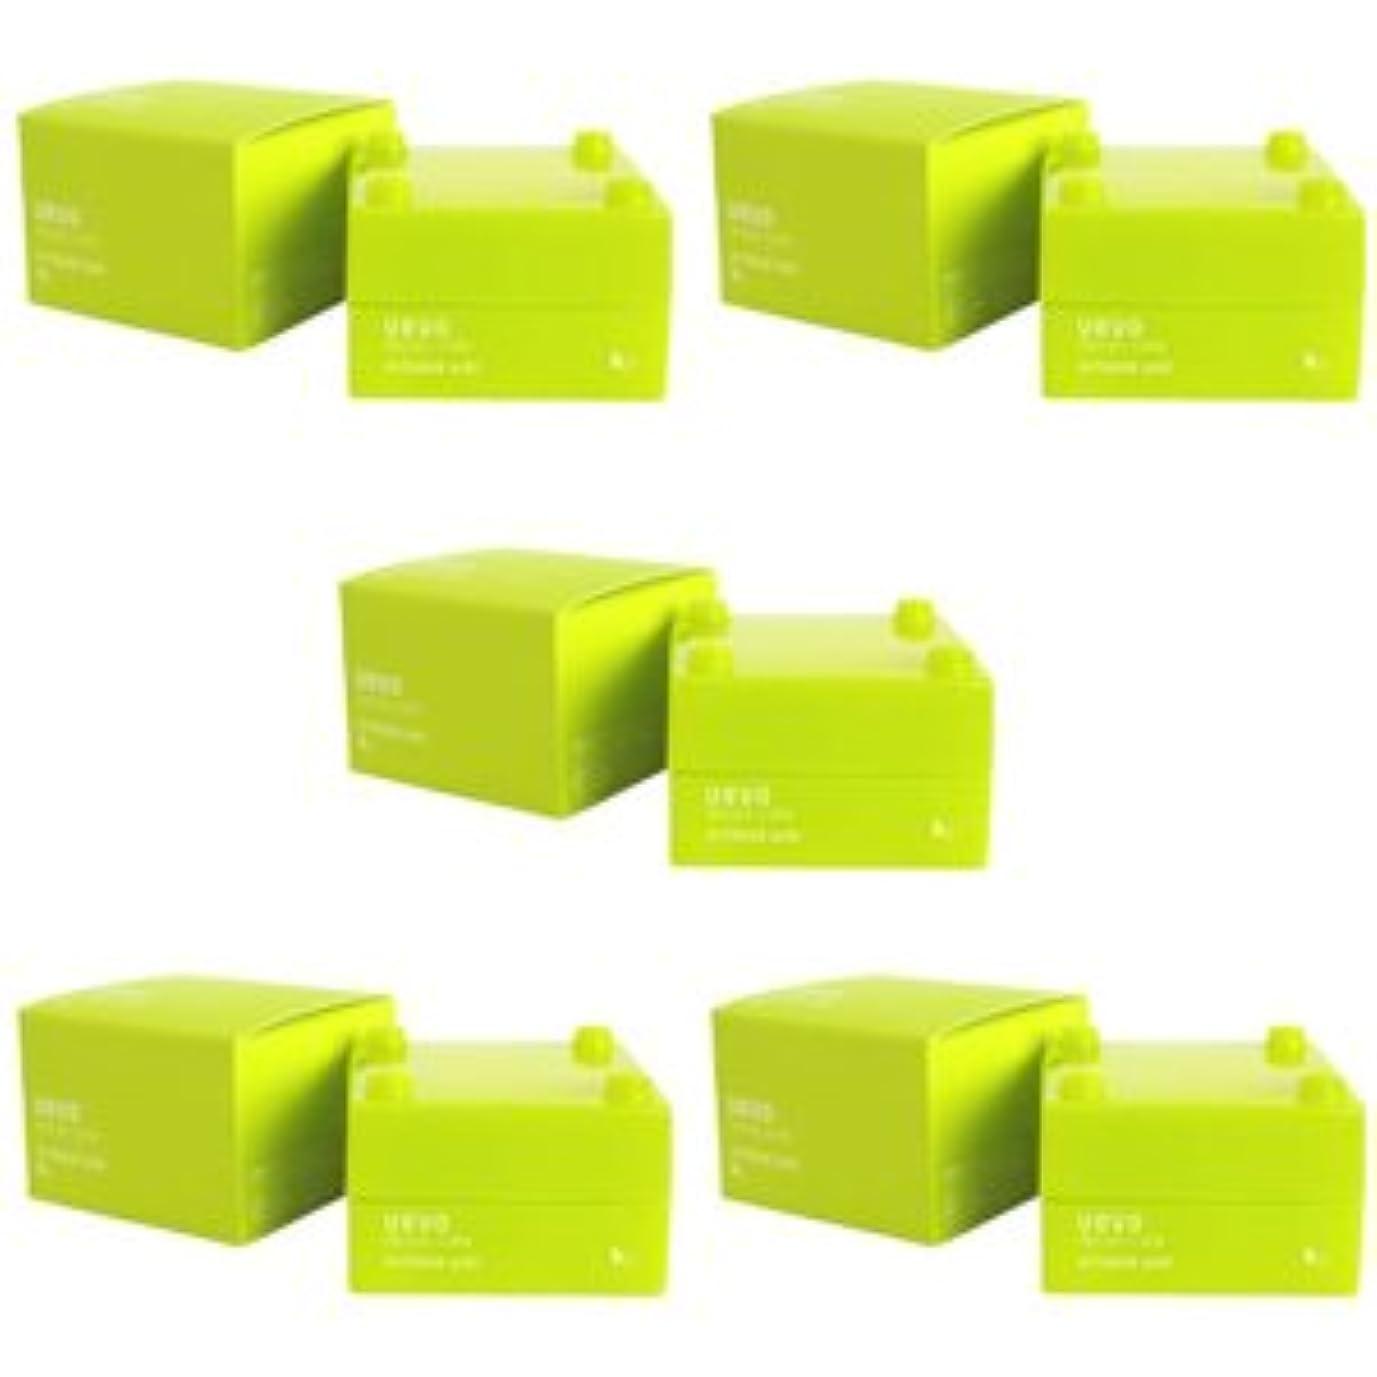 テープ写真序文【X5個セット】 デミ ウェーボ デザインキューブ エアルーズワックス 30g airloose wax DEMI uevo design cube